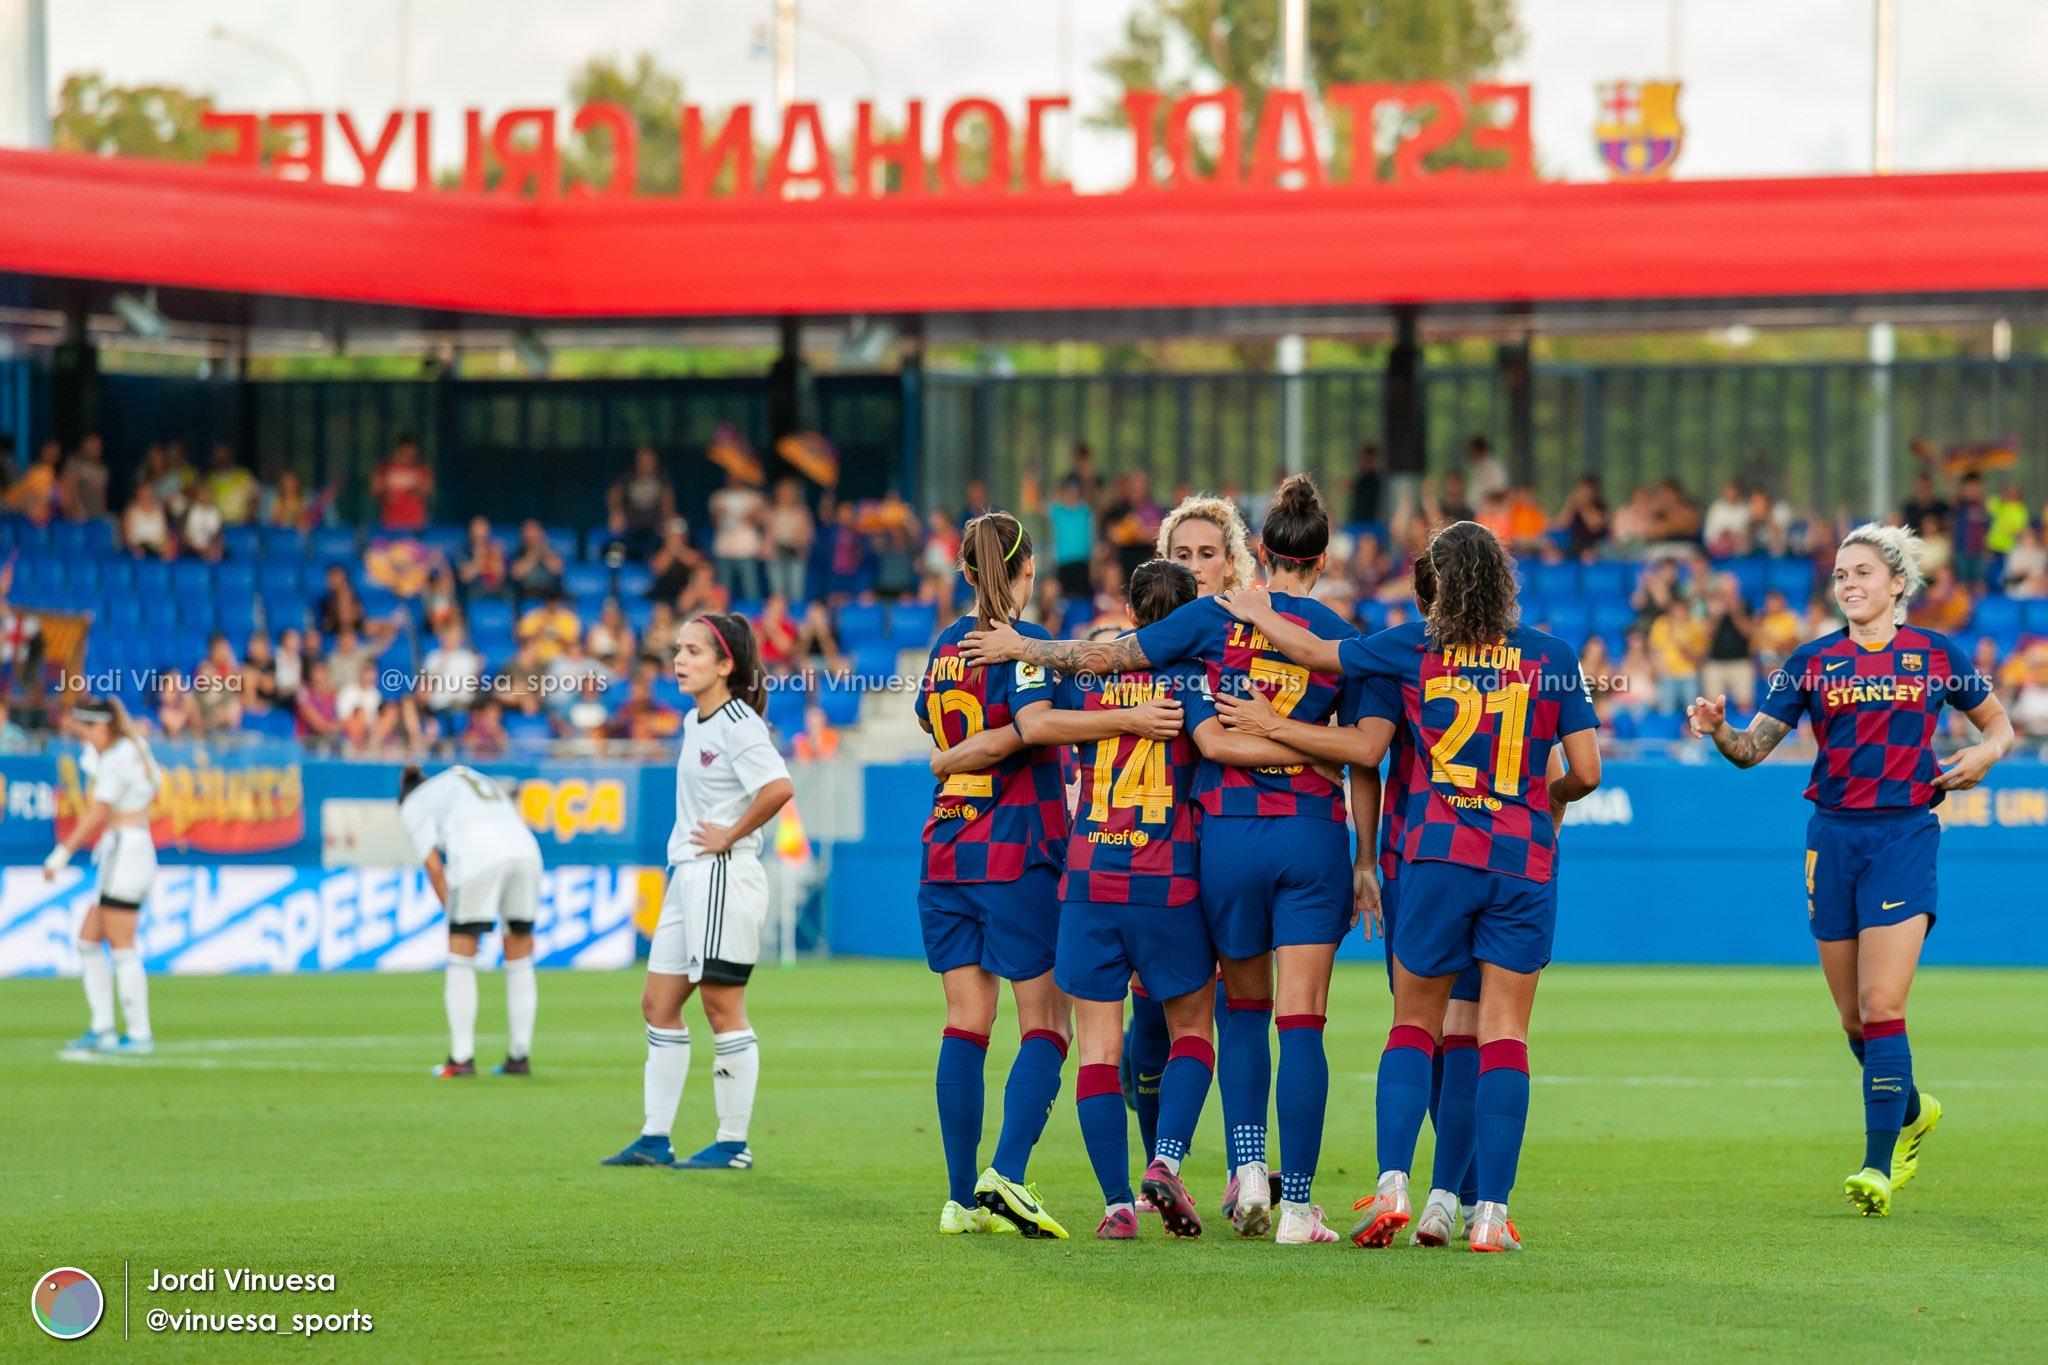 فريق نادي برشلونة للسيدات 2019 تقرير تفصيلي بالصور